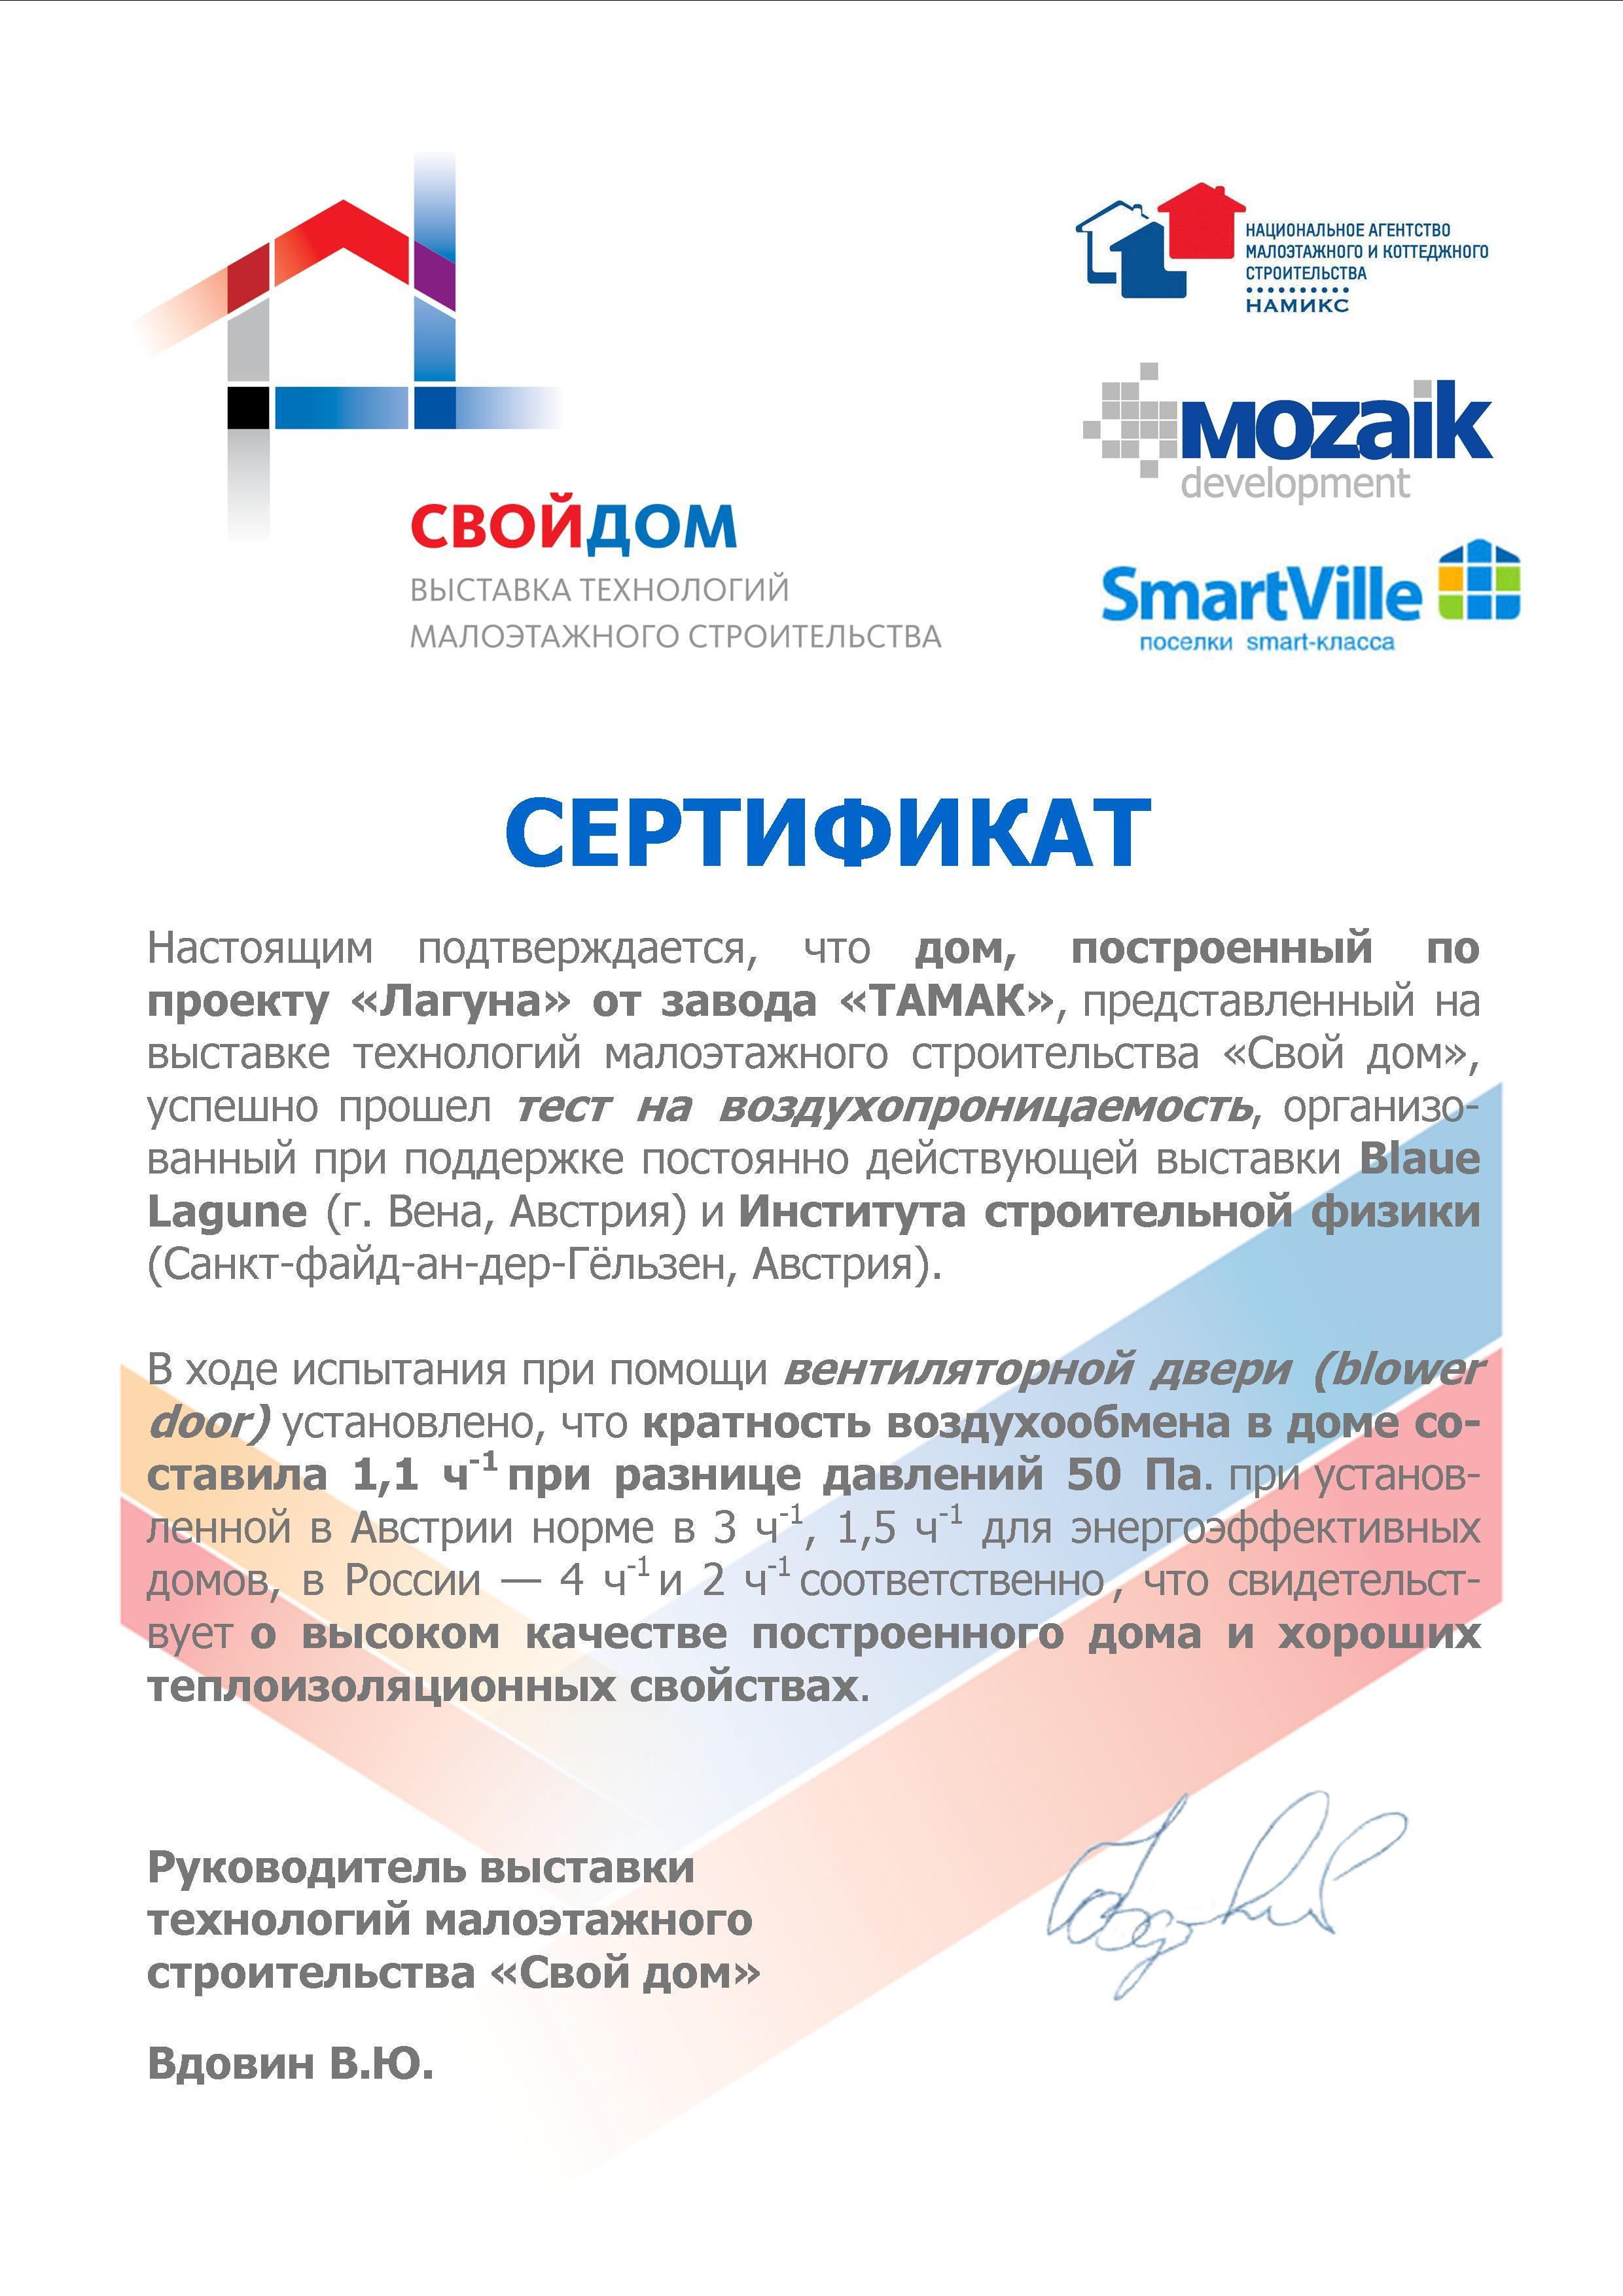 Certificatul etanșeității construcț.